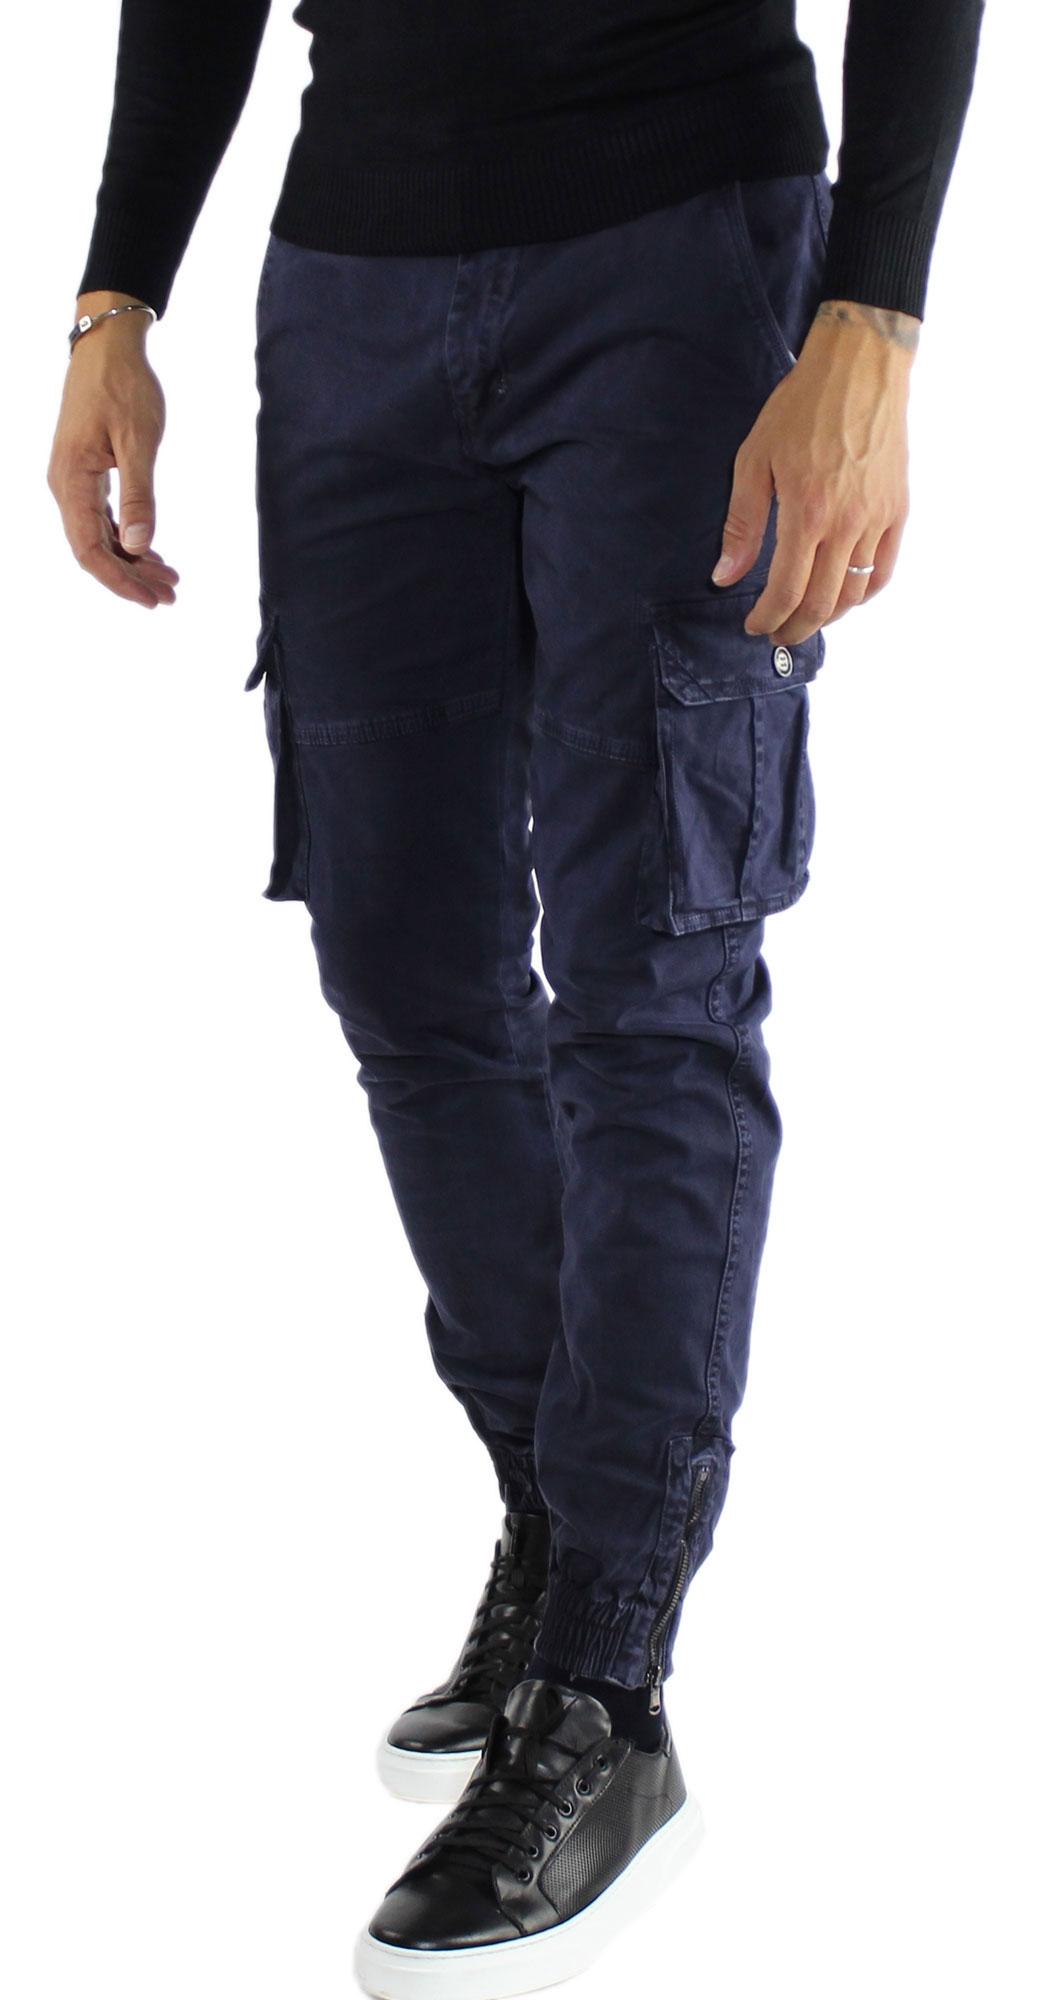 Pantaloni-Cargo-Uomo-Tasche-Laterali-Invernali-Cotone-Slim-Fit-Tasconi-Casual miniatura 7